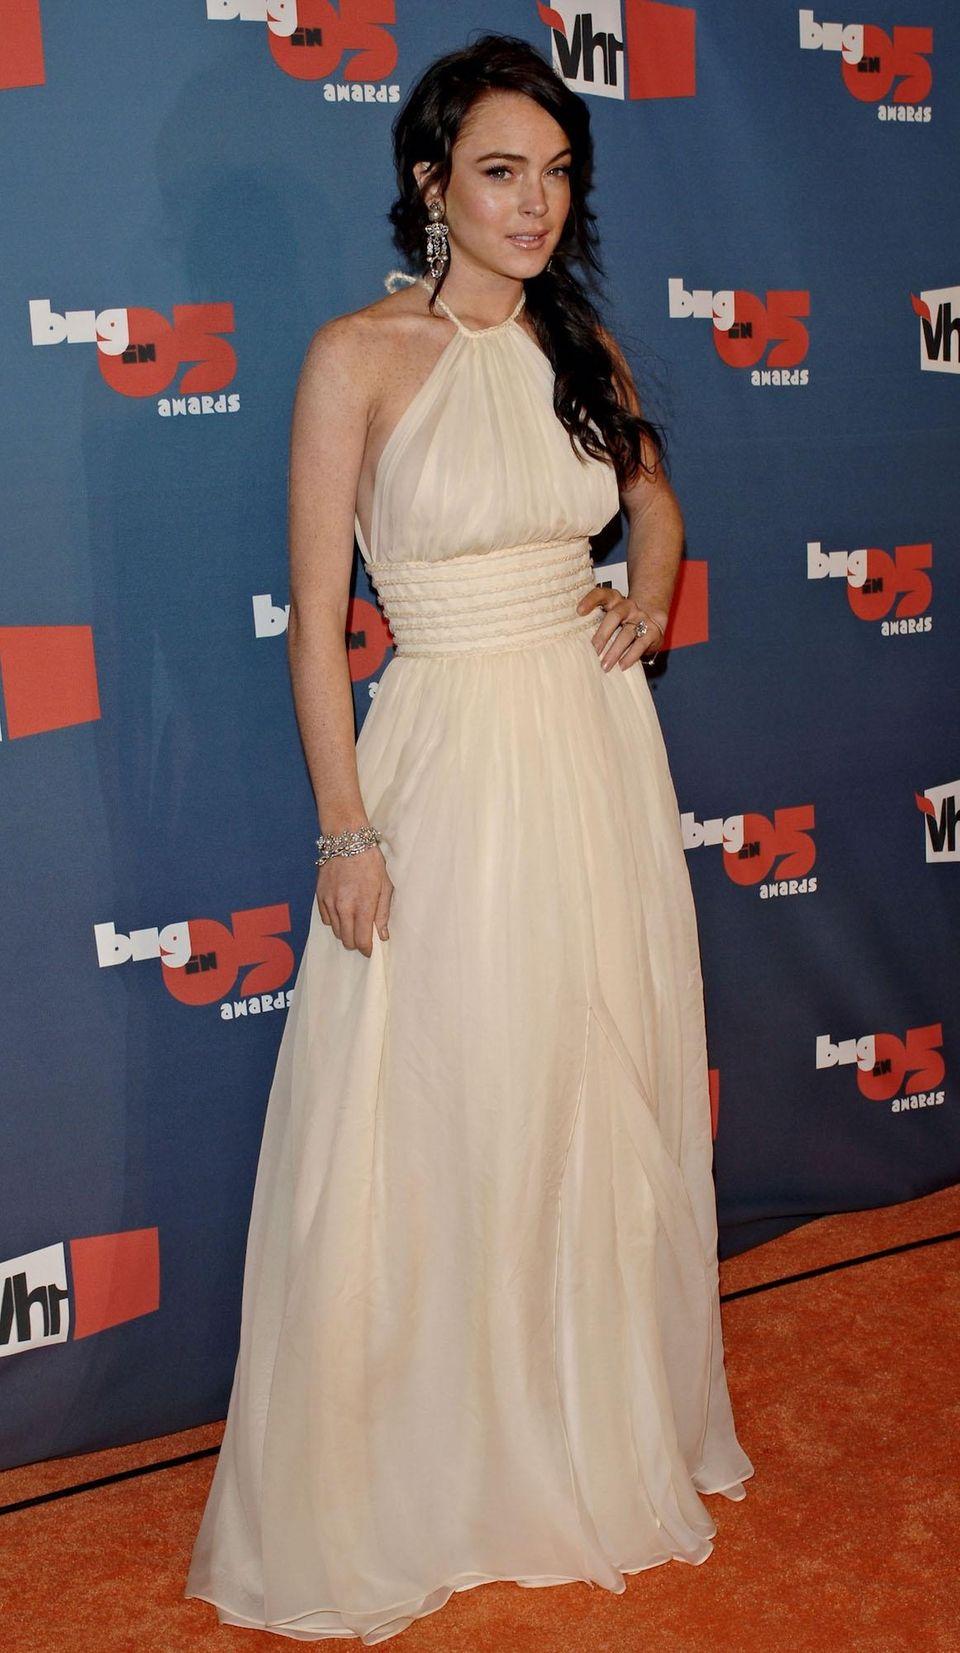 Lindsay Lohan arrives for the VH1 Big in